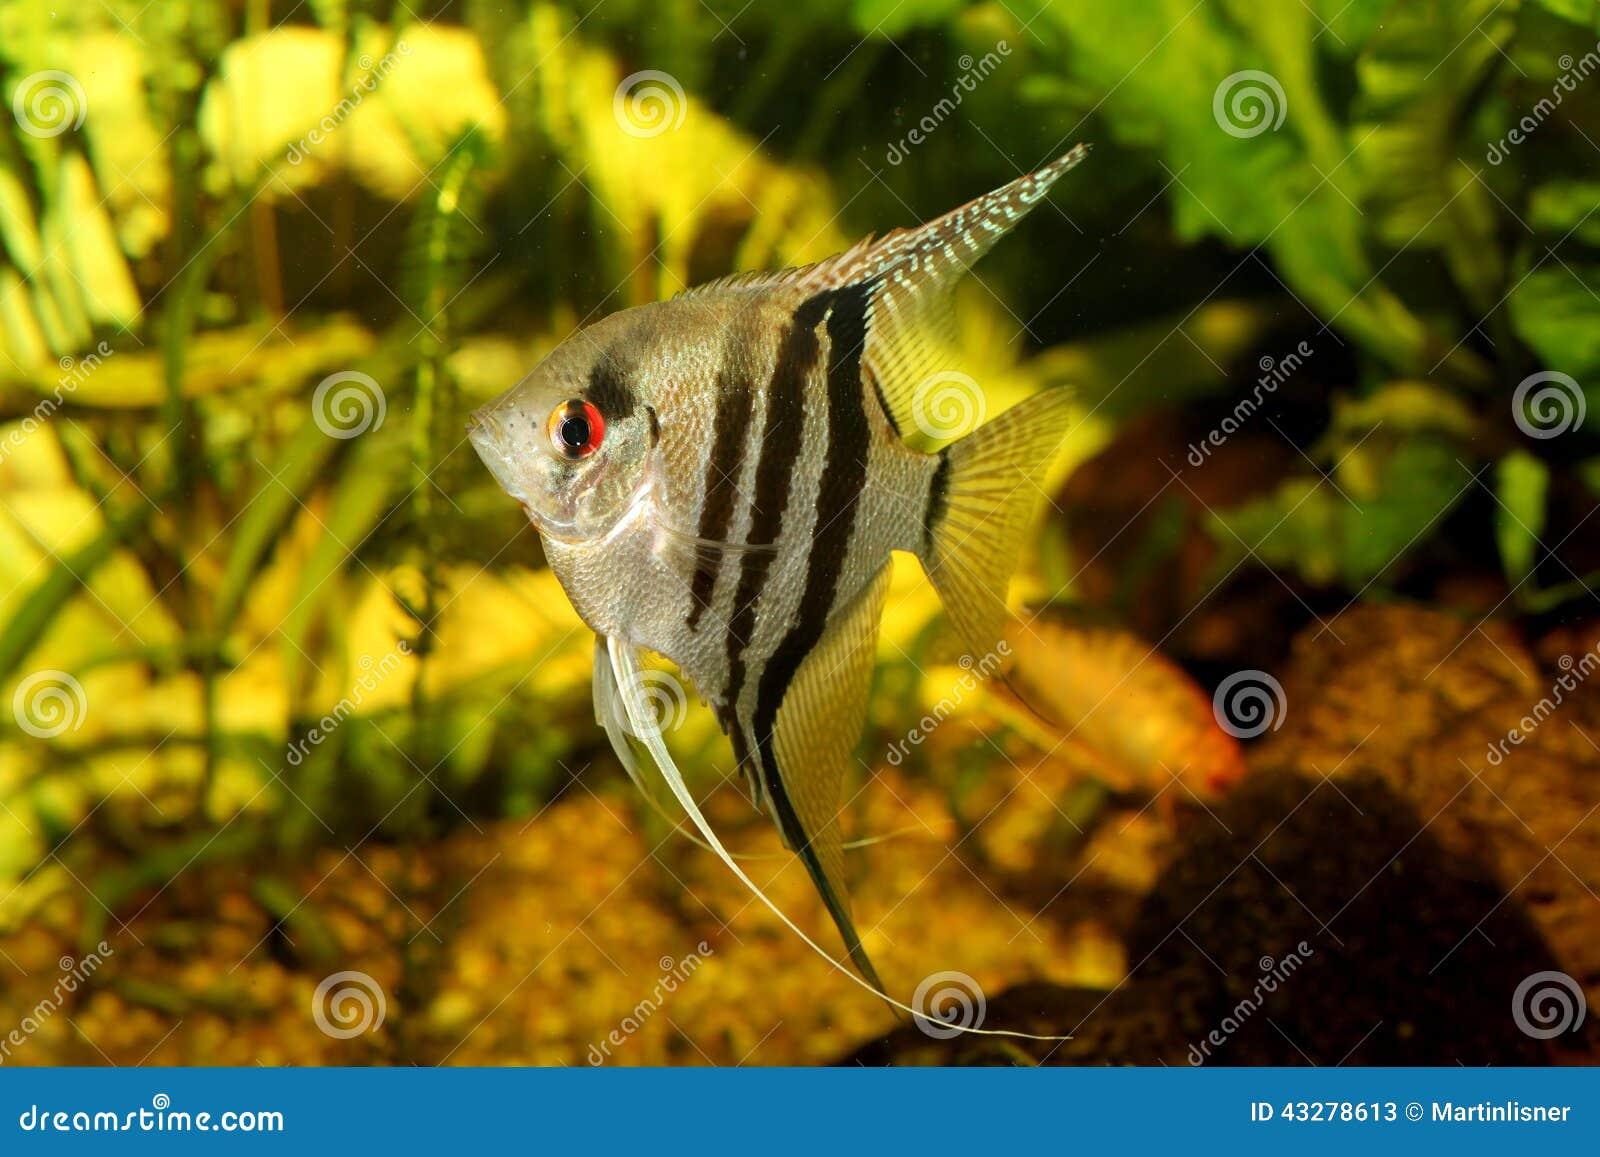 Un bello acquario d 39 acqua dolce tropicale piantato verde for Pesce pulitore acqua dolce